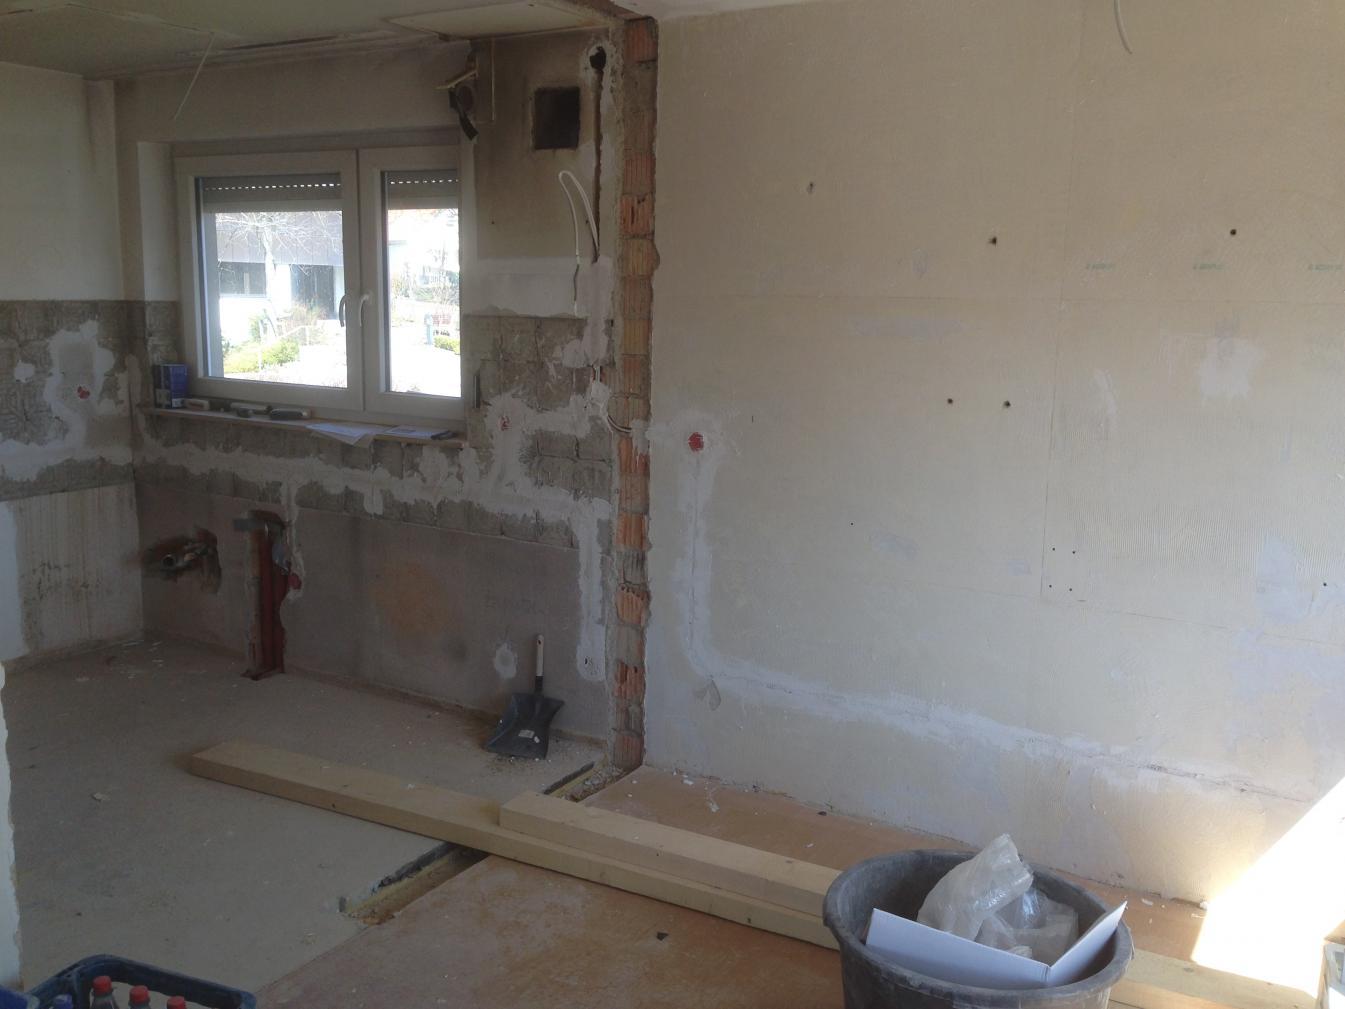 Beeindruckend Durchbruch Wand Das Beste Von Links Die Küche Mit Zement Indem Die